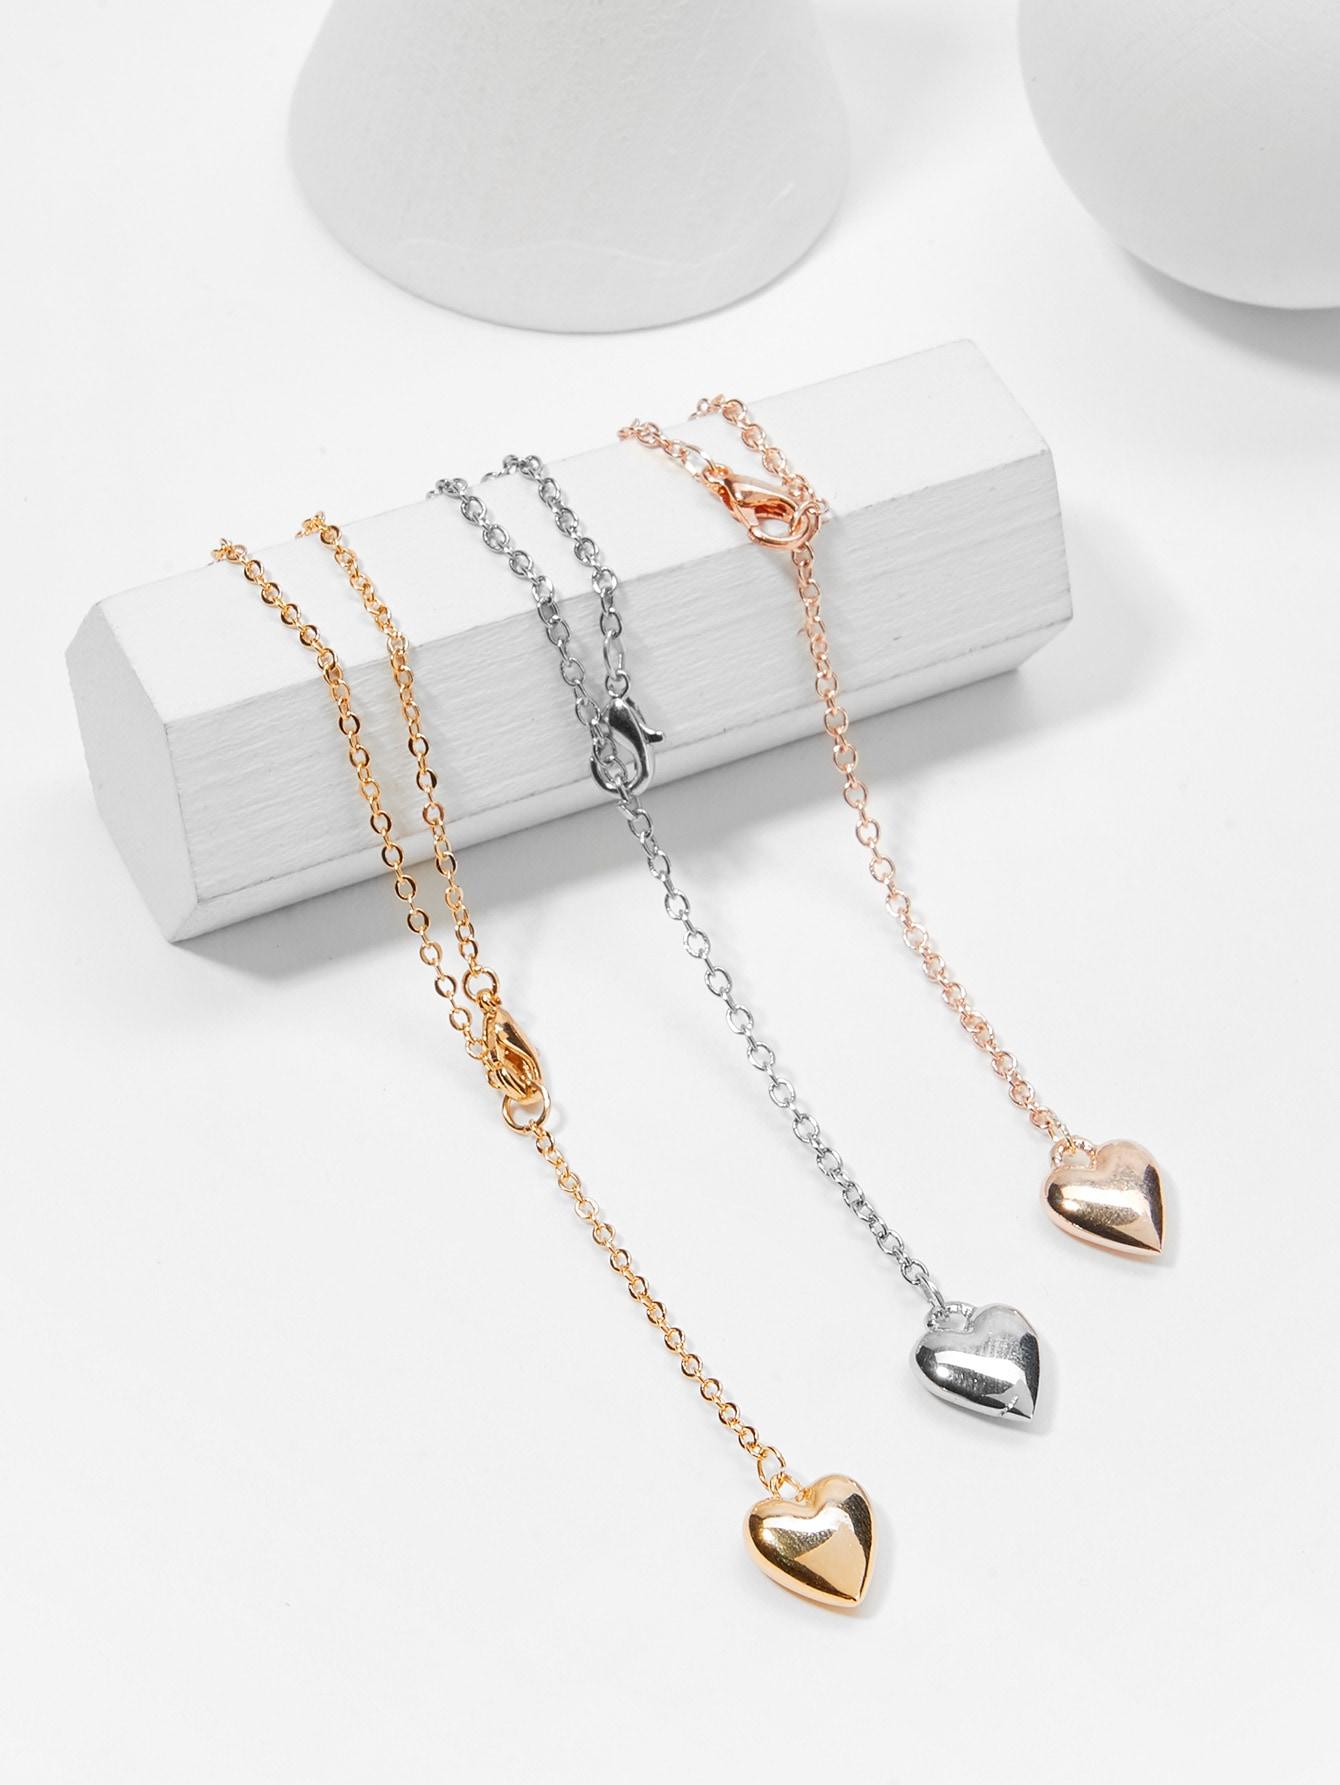 Metal Heart Pendant Necklace Set 3pcs hollow heart pendant necklace set 3pcs